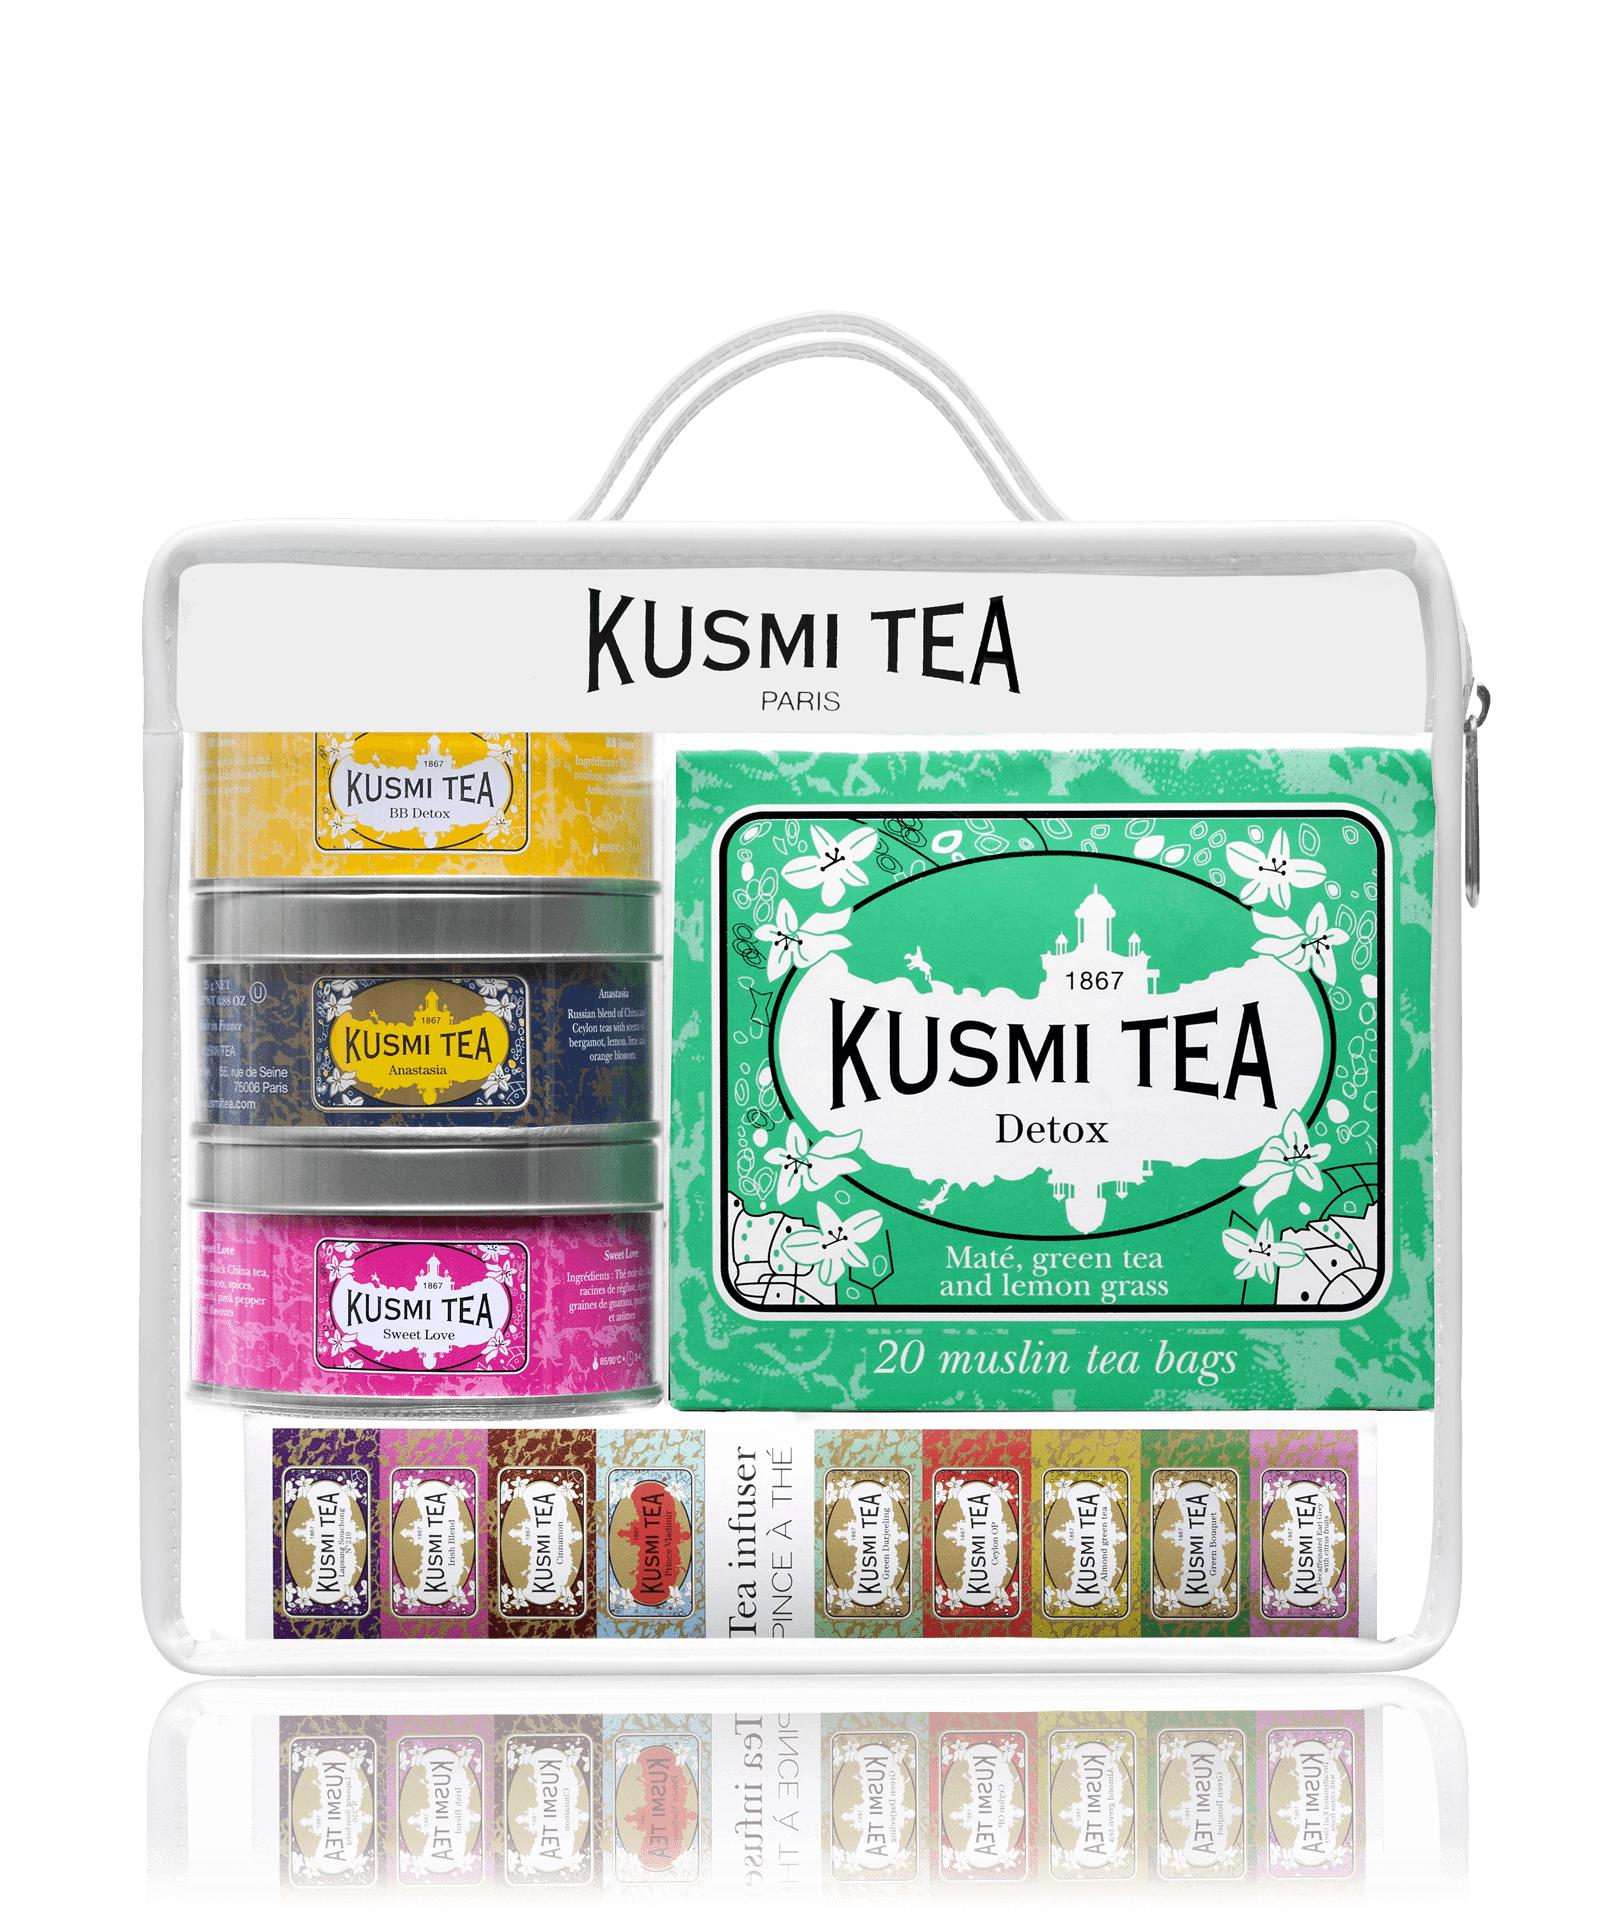 KUSMI TEA Coffret thés trousse de voyage